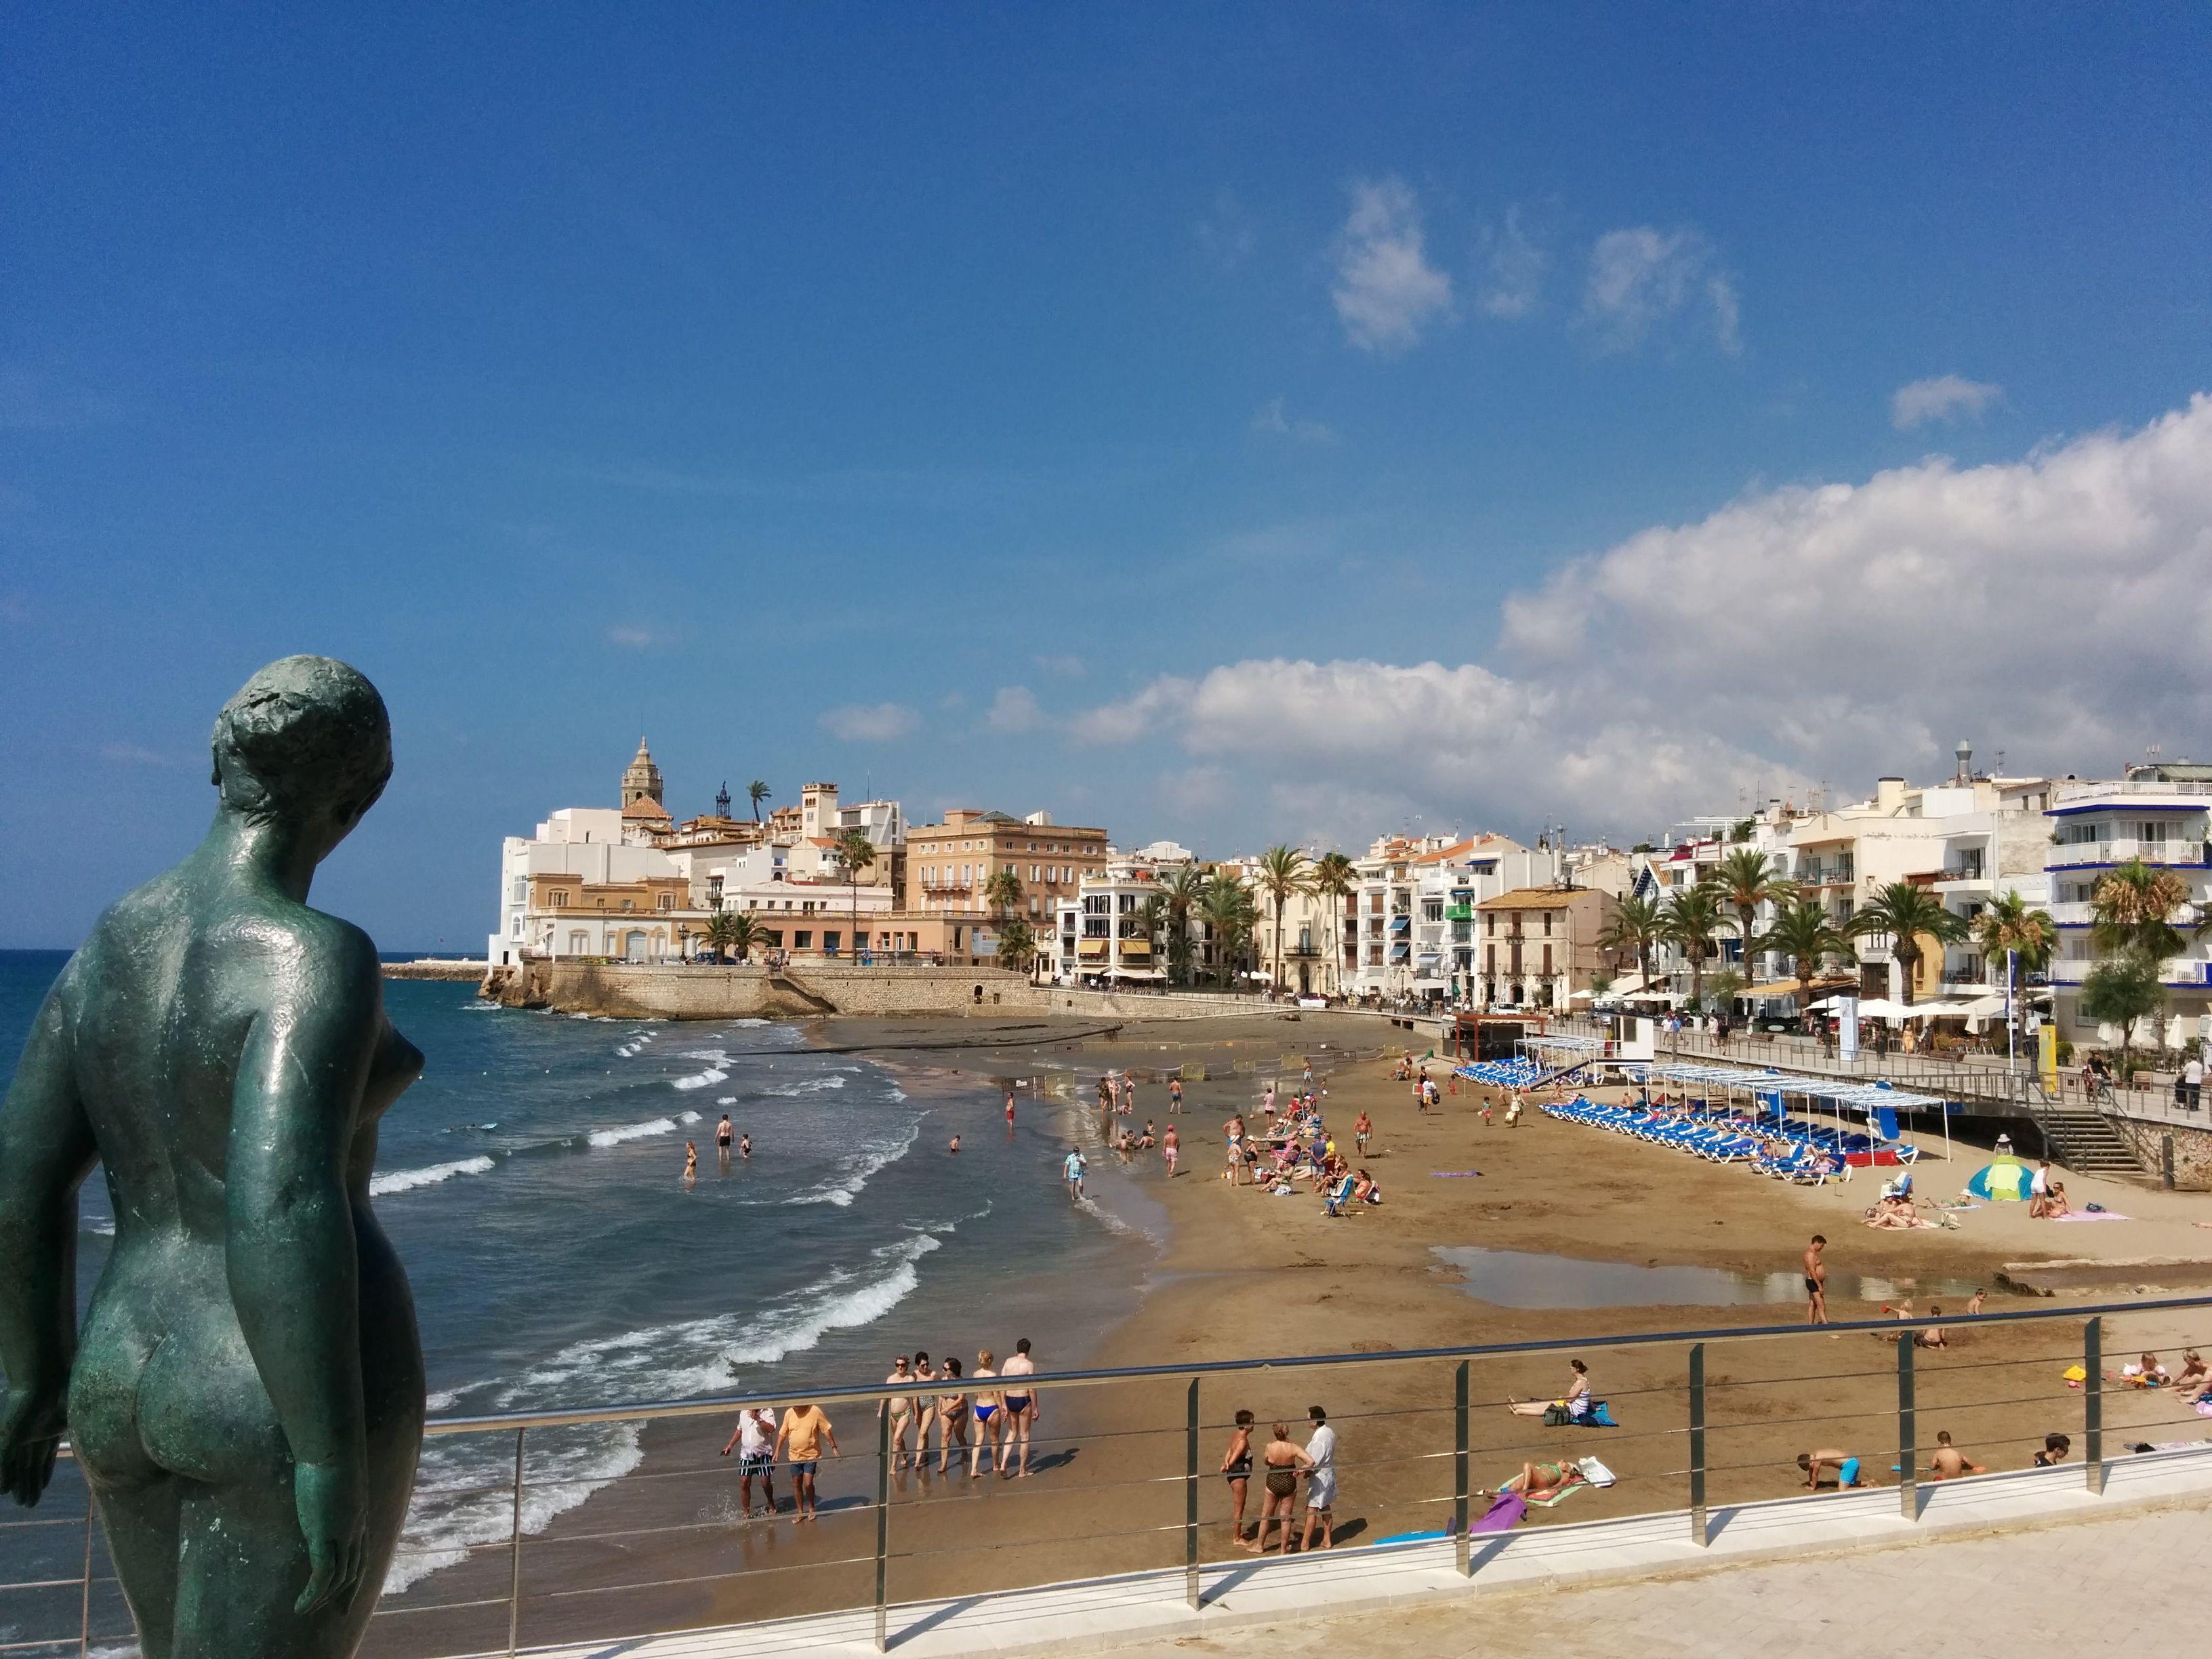 playa-sant-sebastia-barcelona elespanol comjpeg